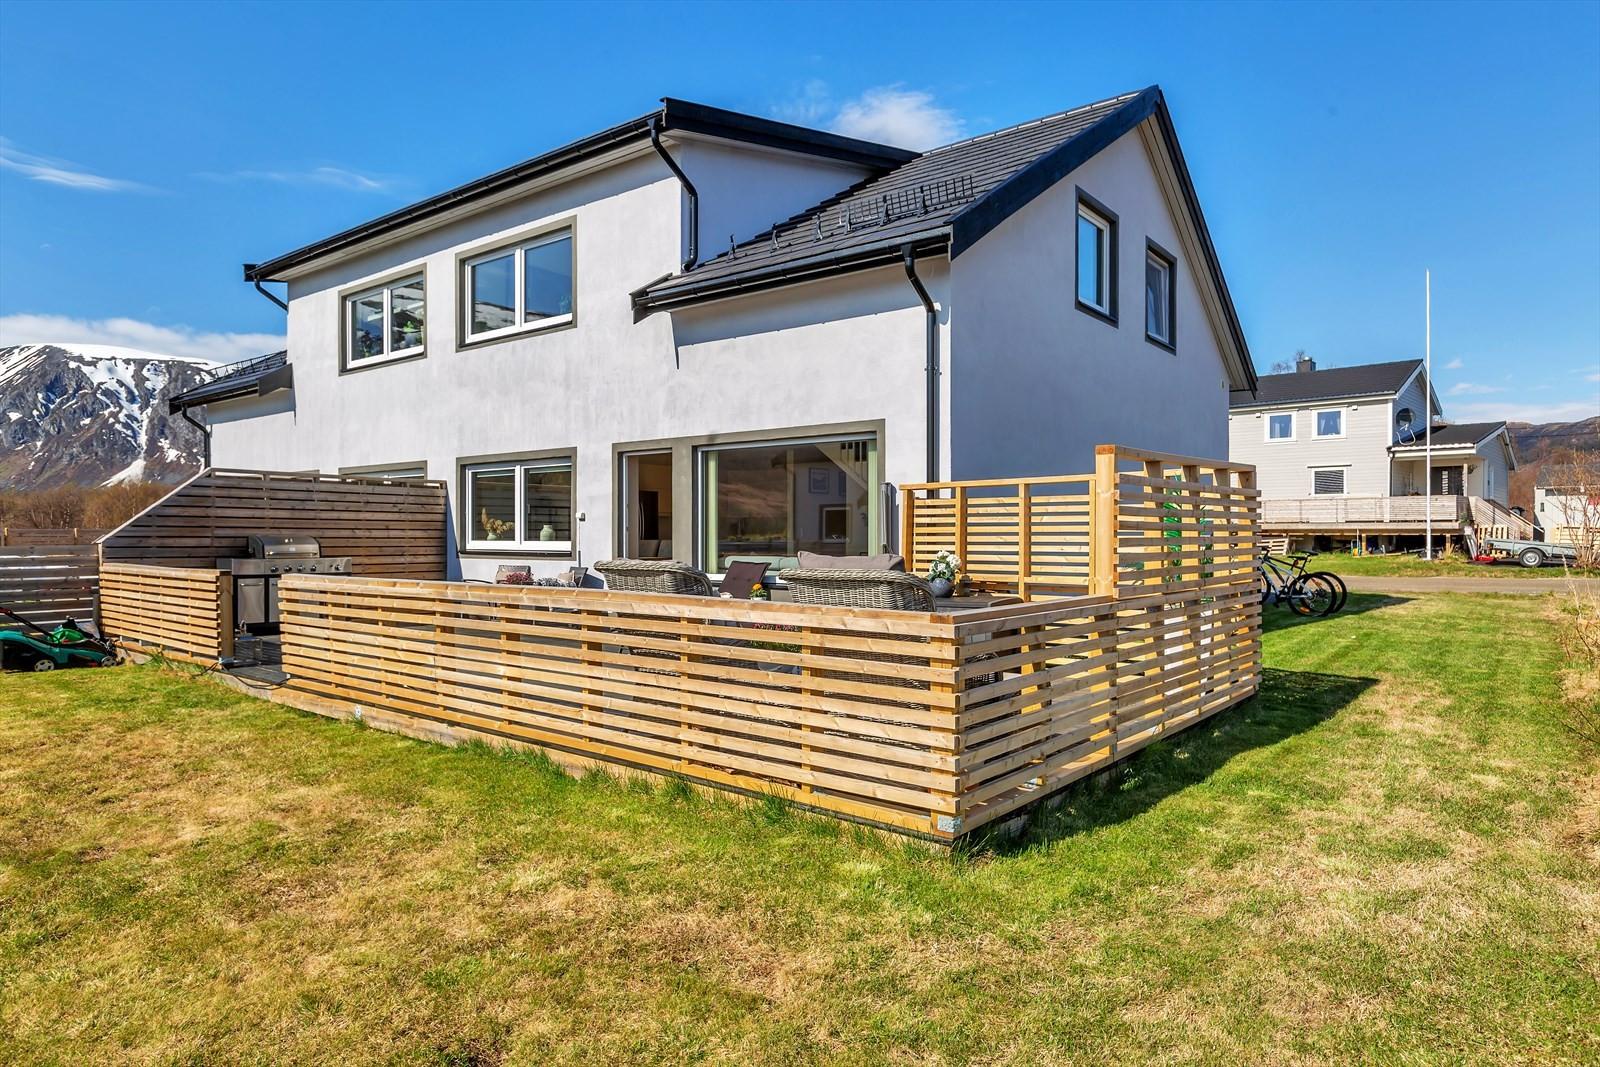 Flott uteområde, nydelig terrasse for solfylte dager!